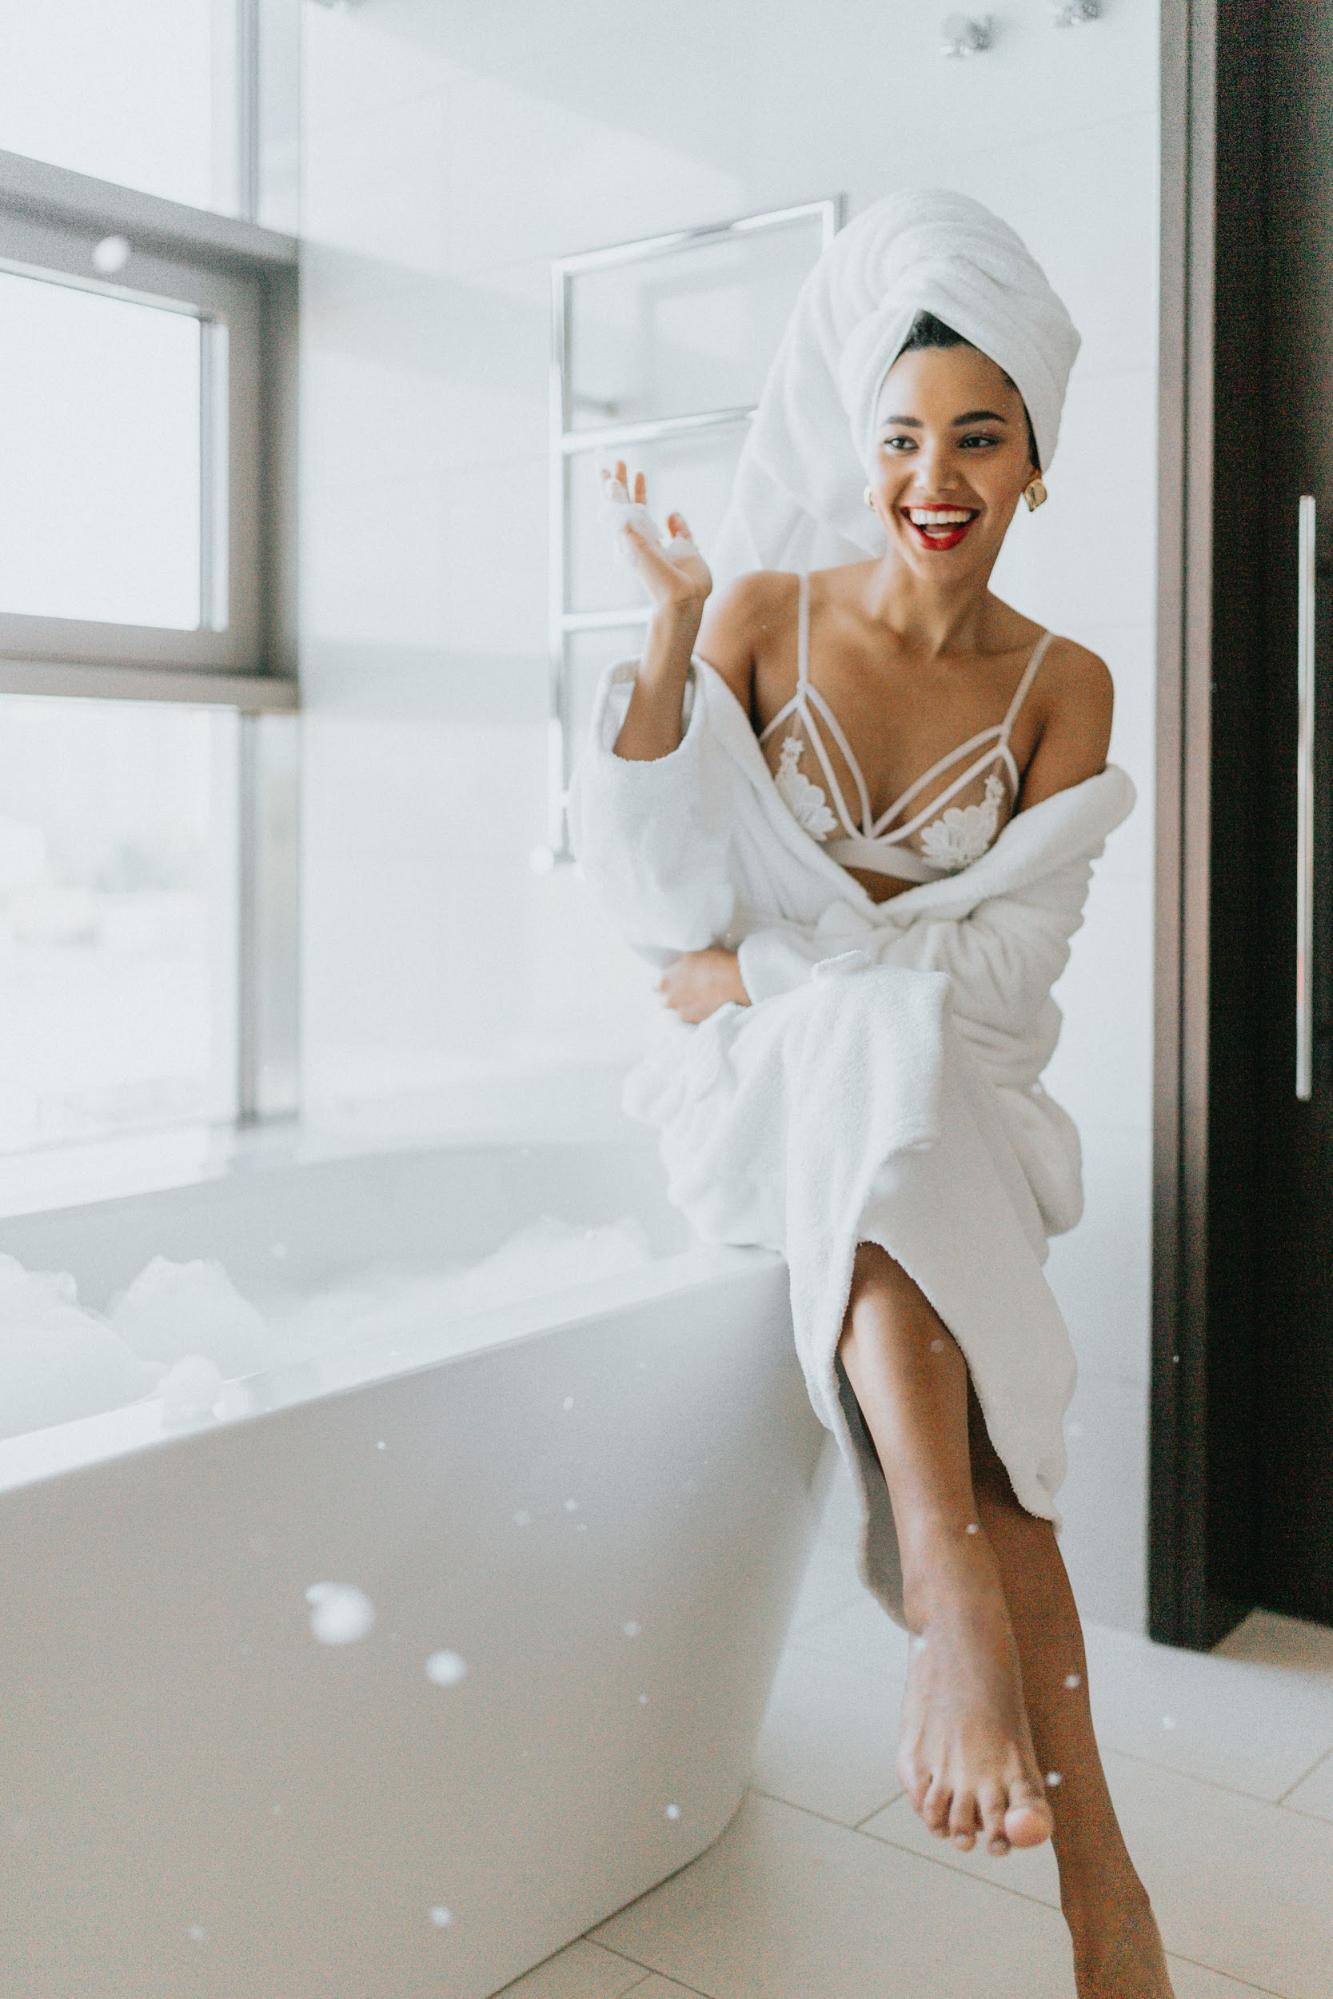 Утро невесты, которое мы бы хотели себе